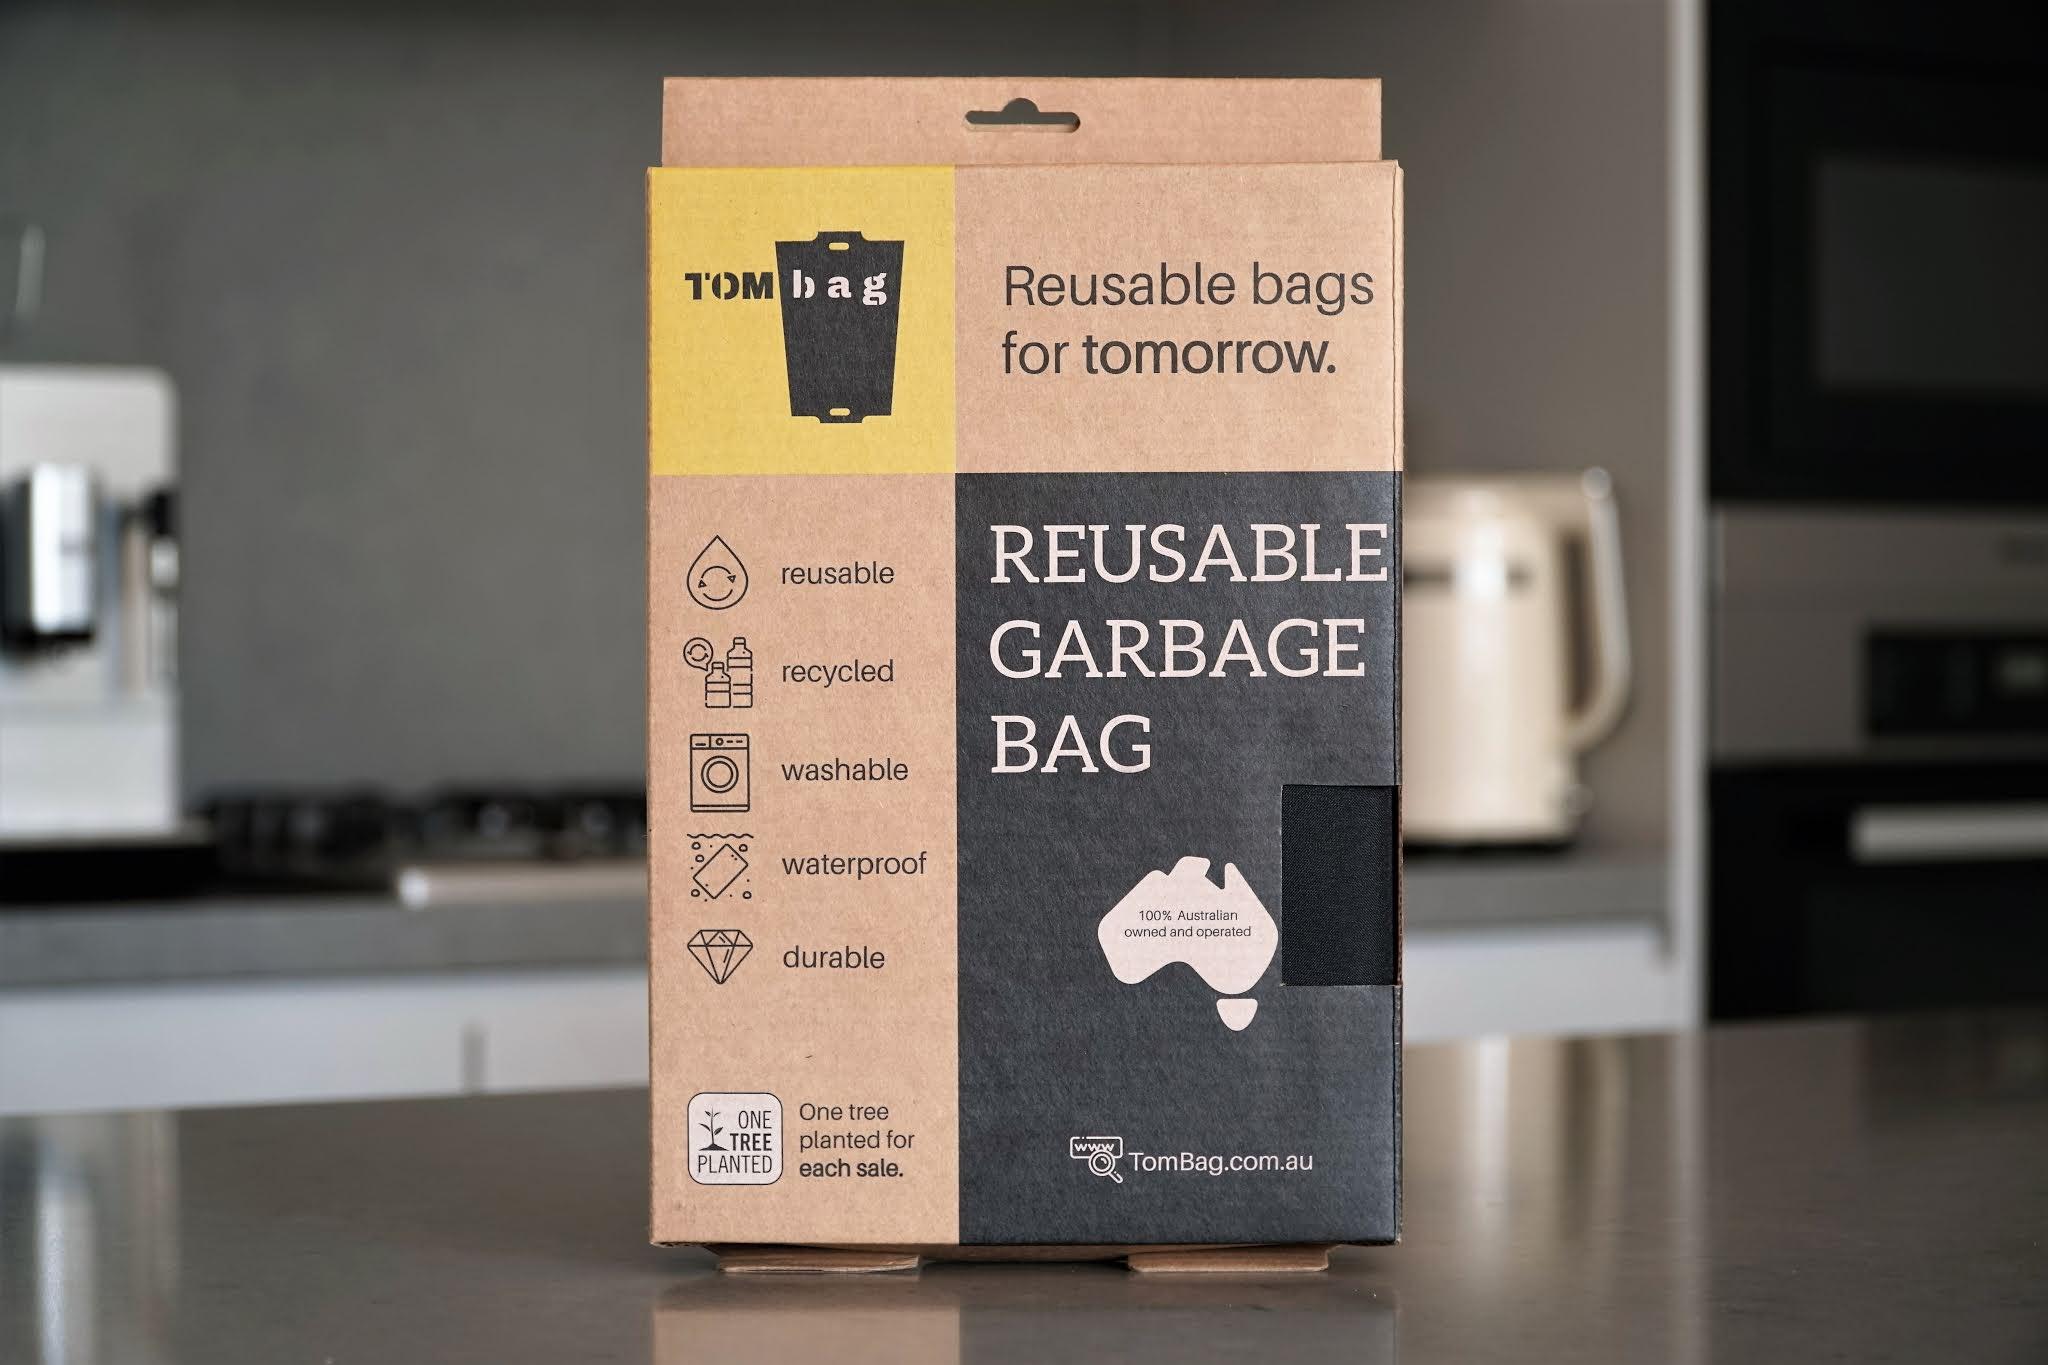 REUSABLE TRASH BAGS